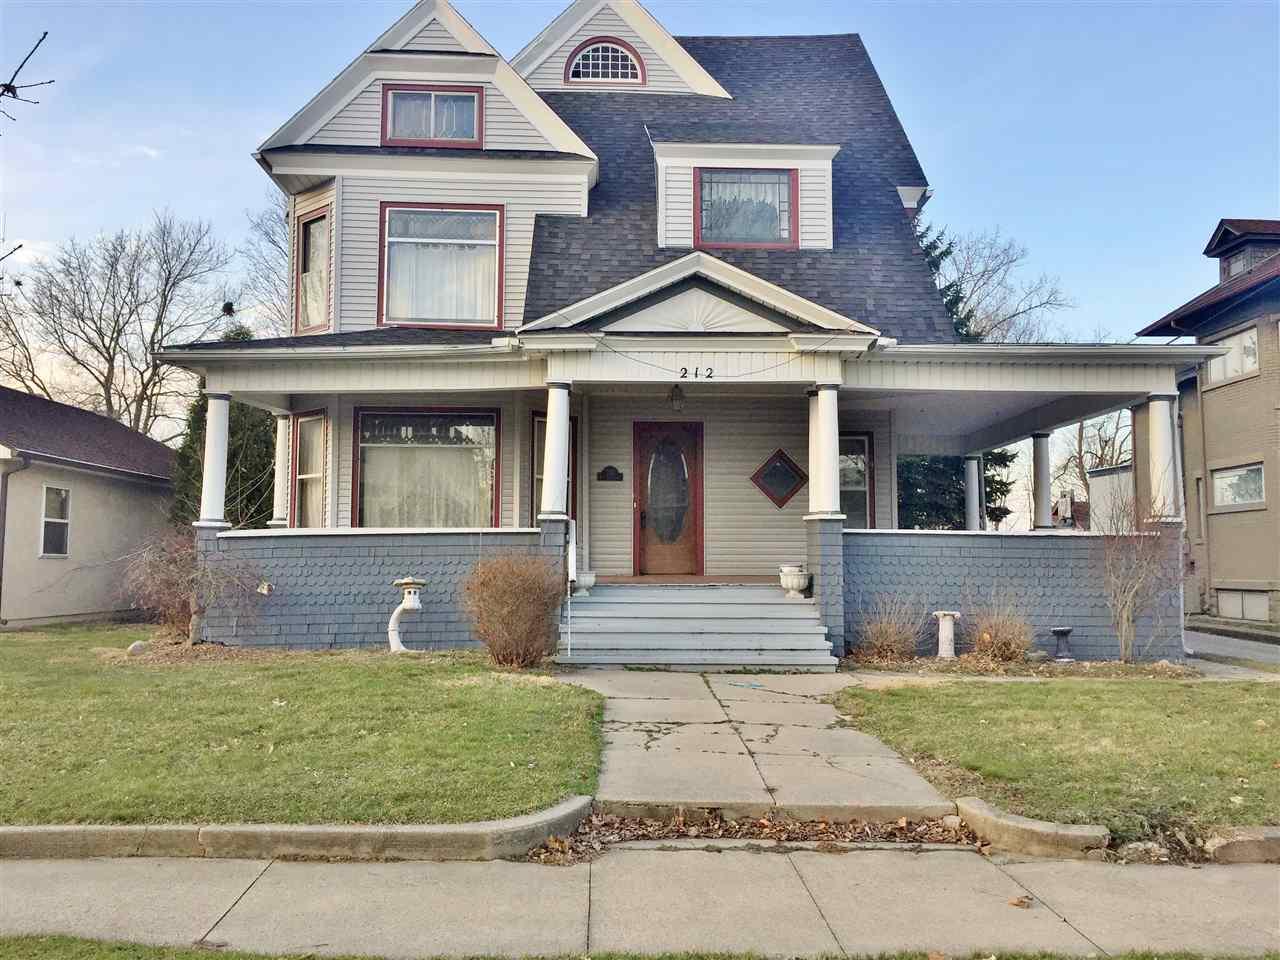 212 W Mitchell street, Kendallville, IN 46755